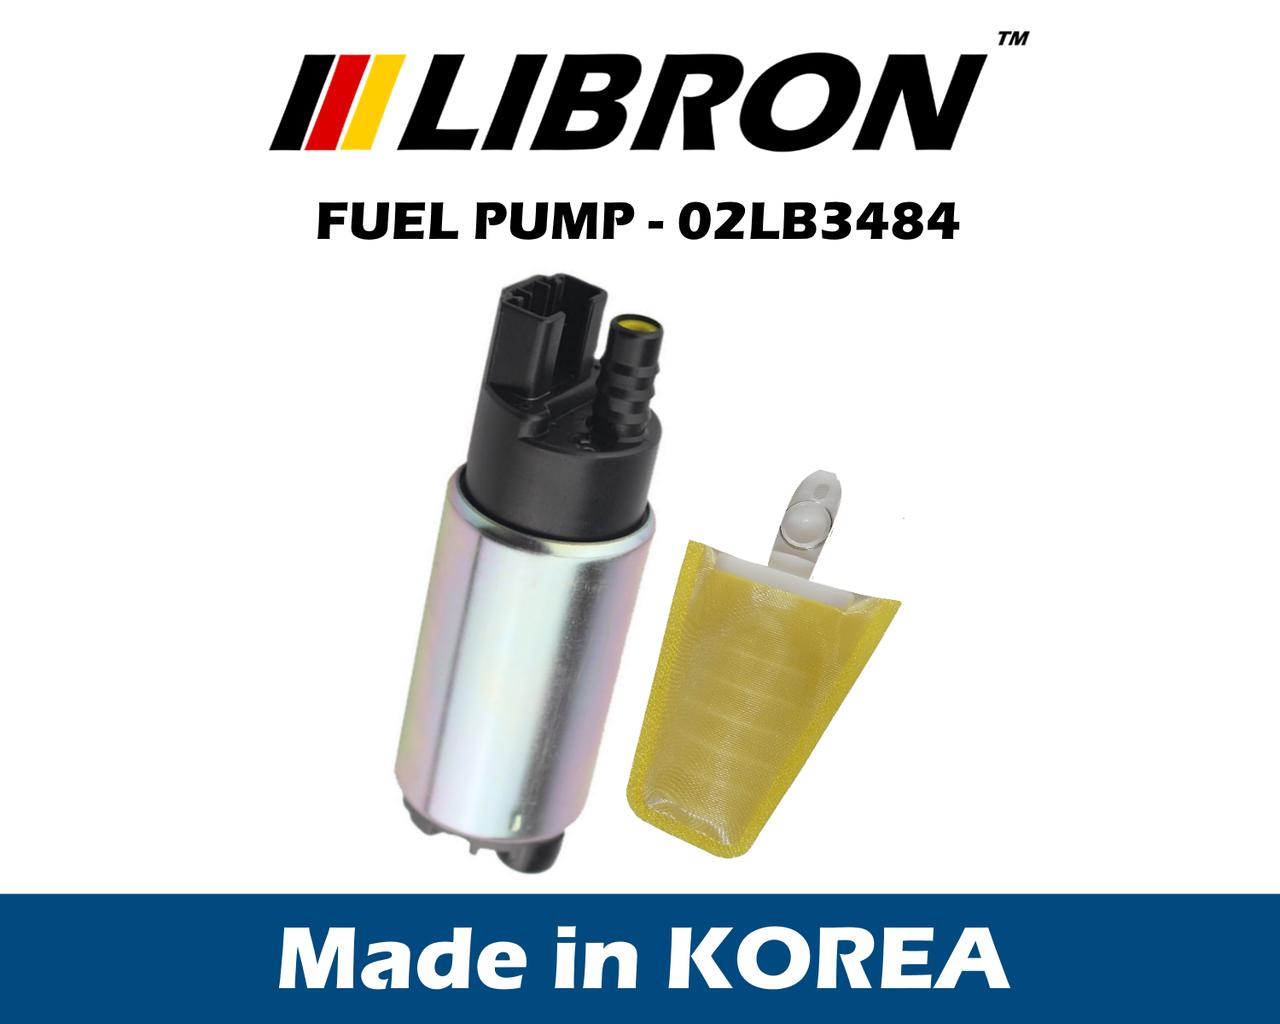 Бензонасос LIBRON 02LB3484 - Мазда MPV I